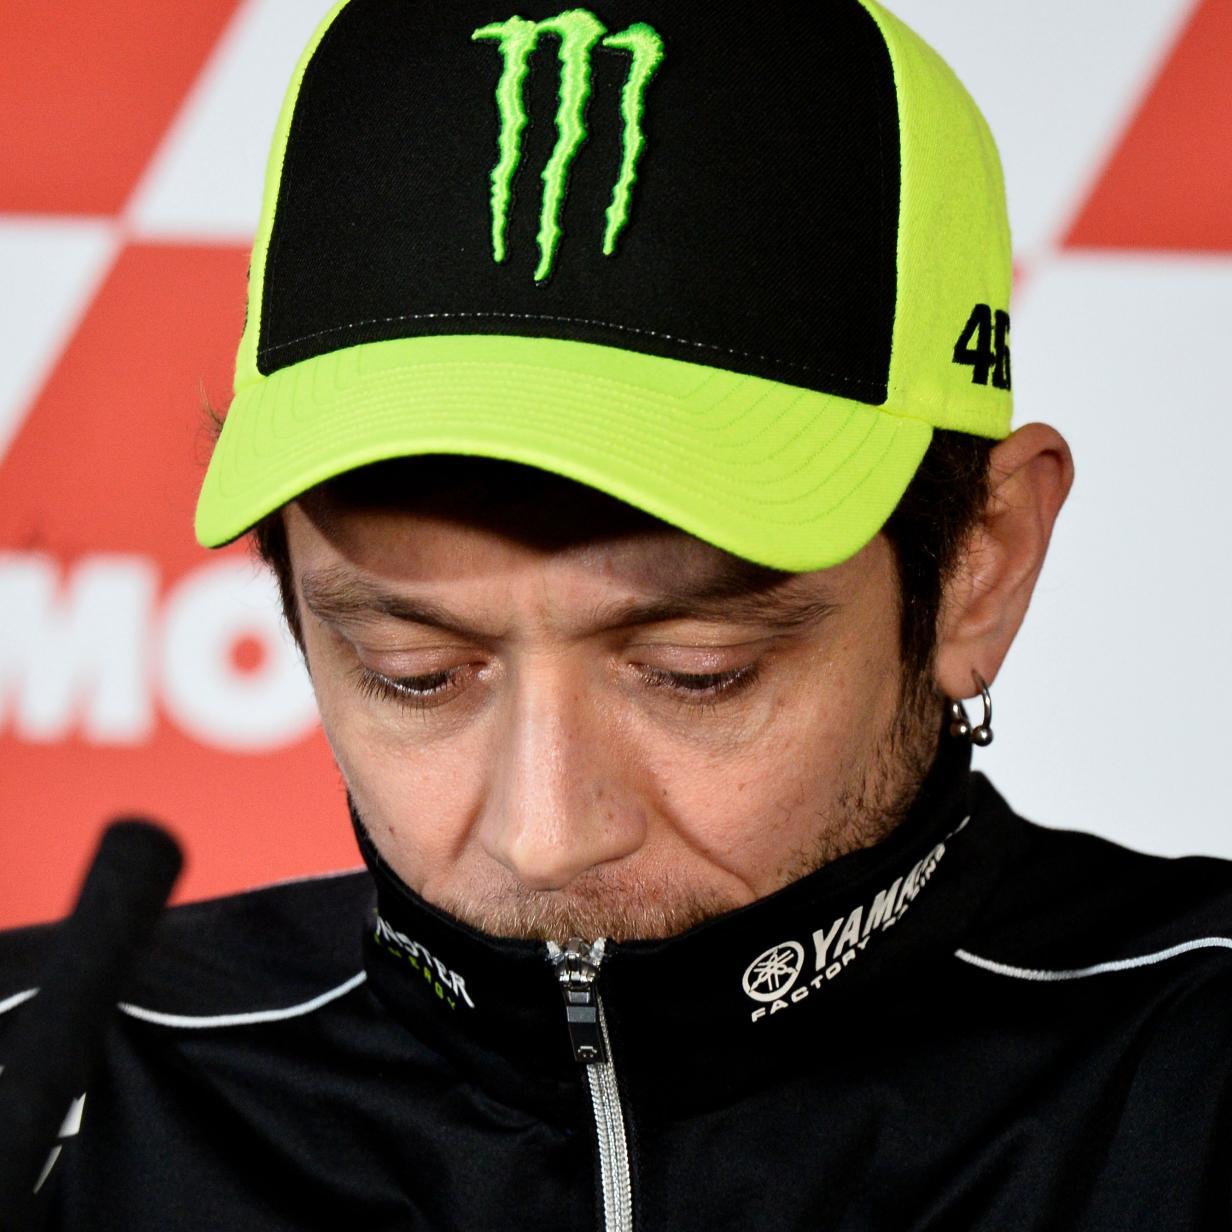 Ende einer Ära? Yamaha fand Ersatz für MotoGP-Ikone Rossi